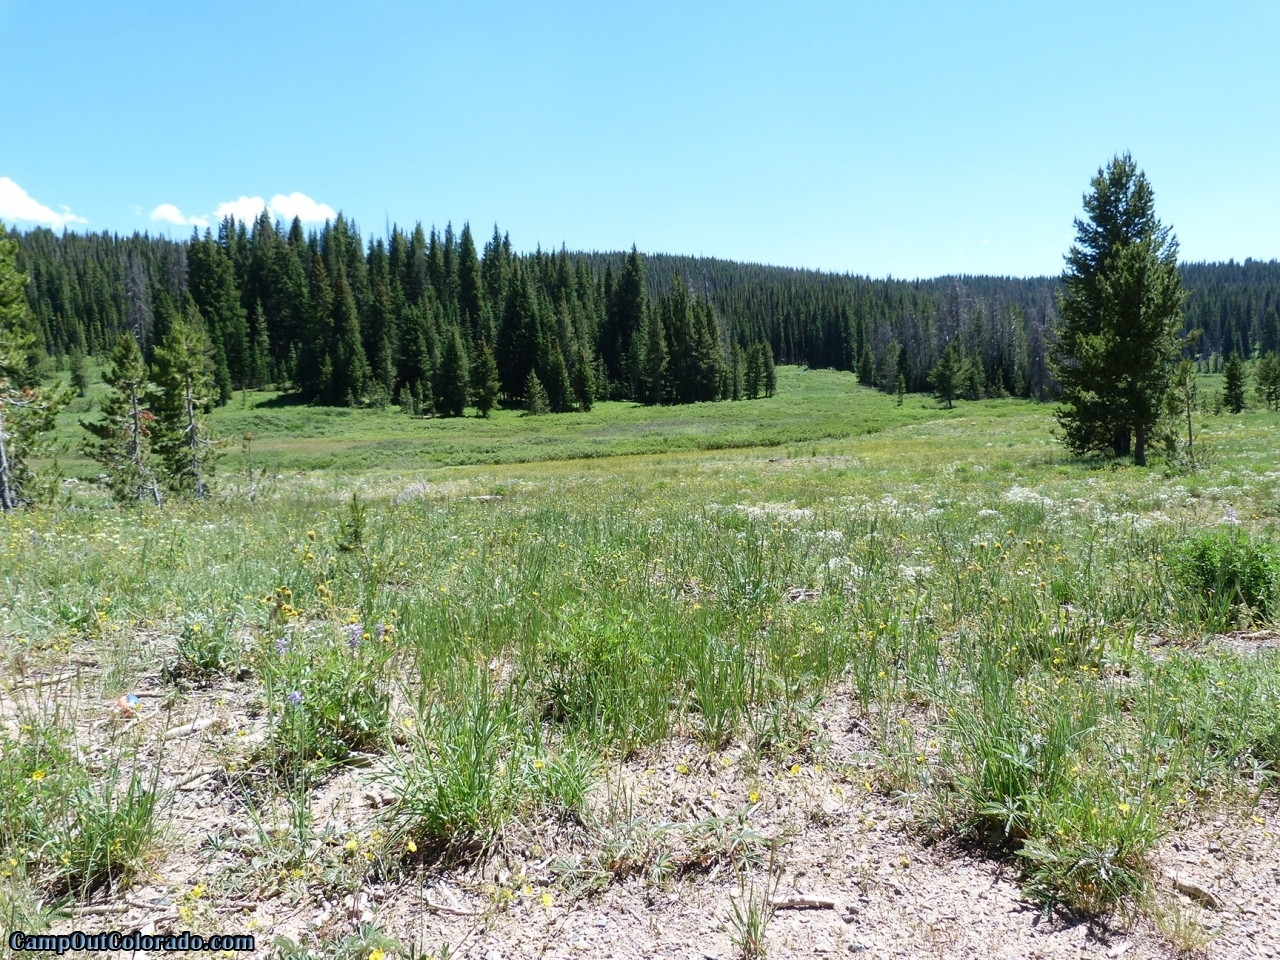 campoutcolorado-meadows-campground-rabbit-ears-open-area